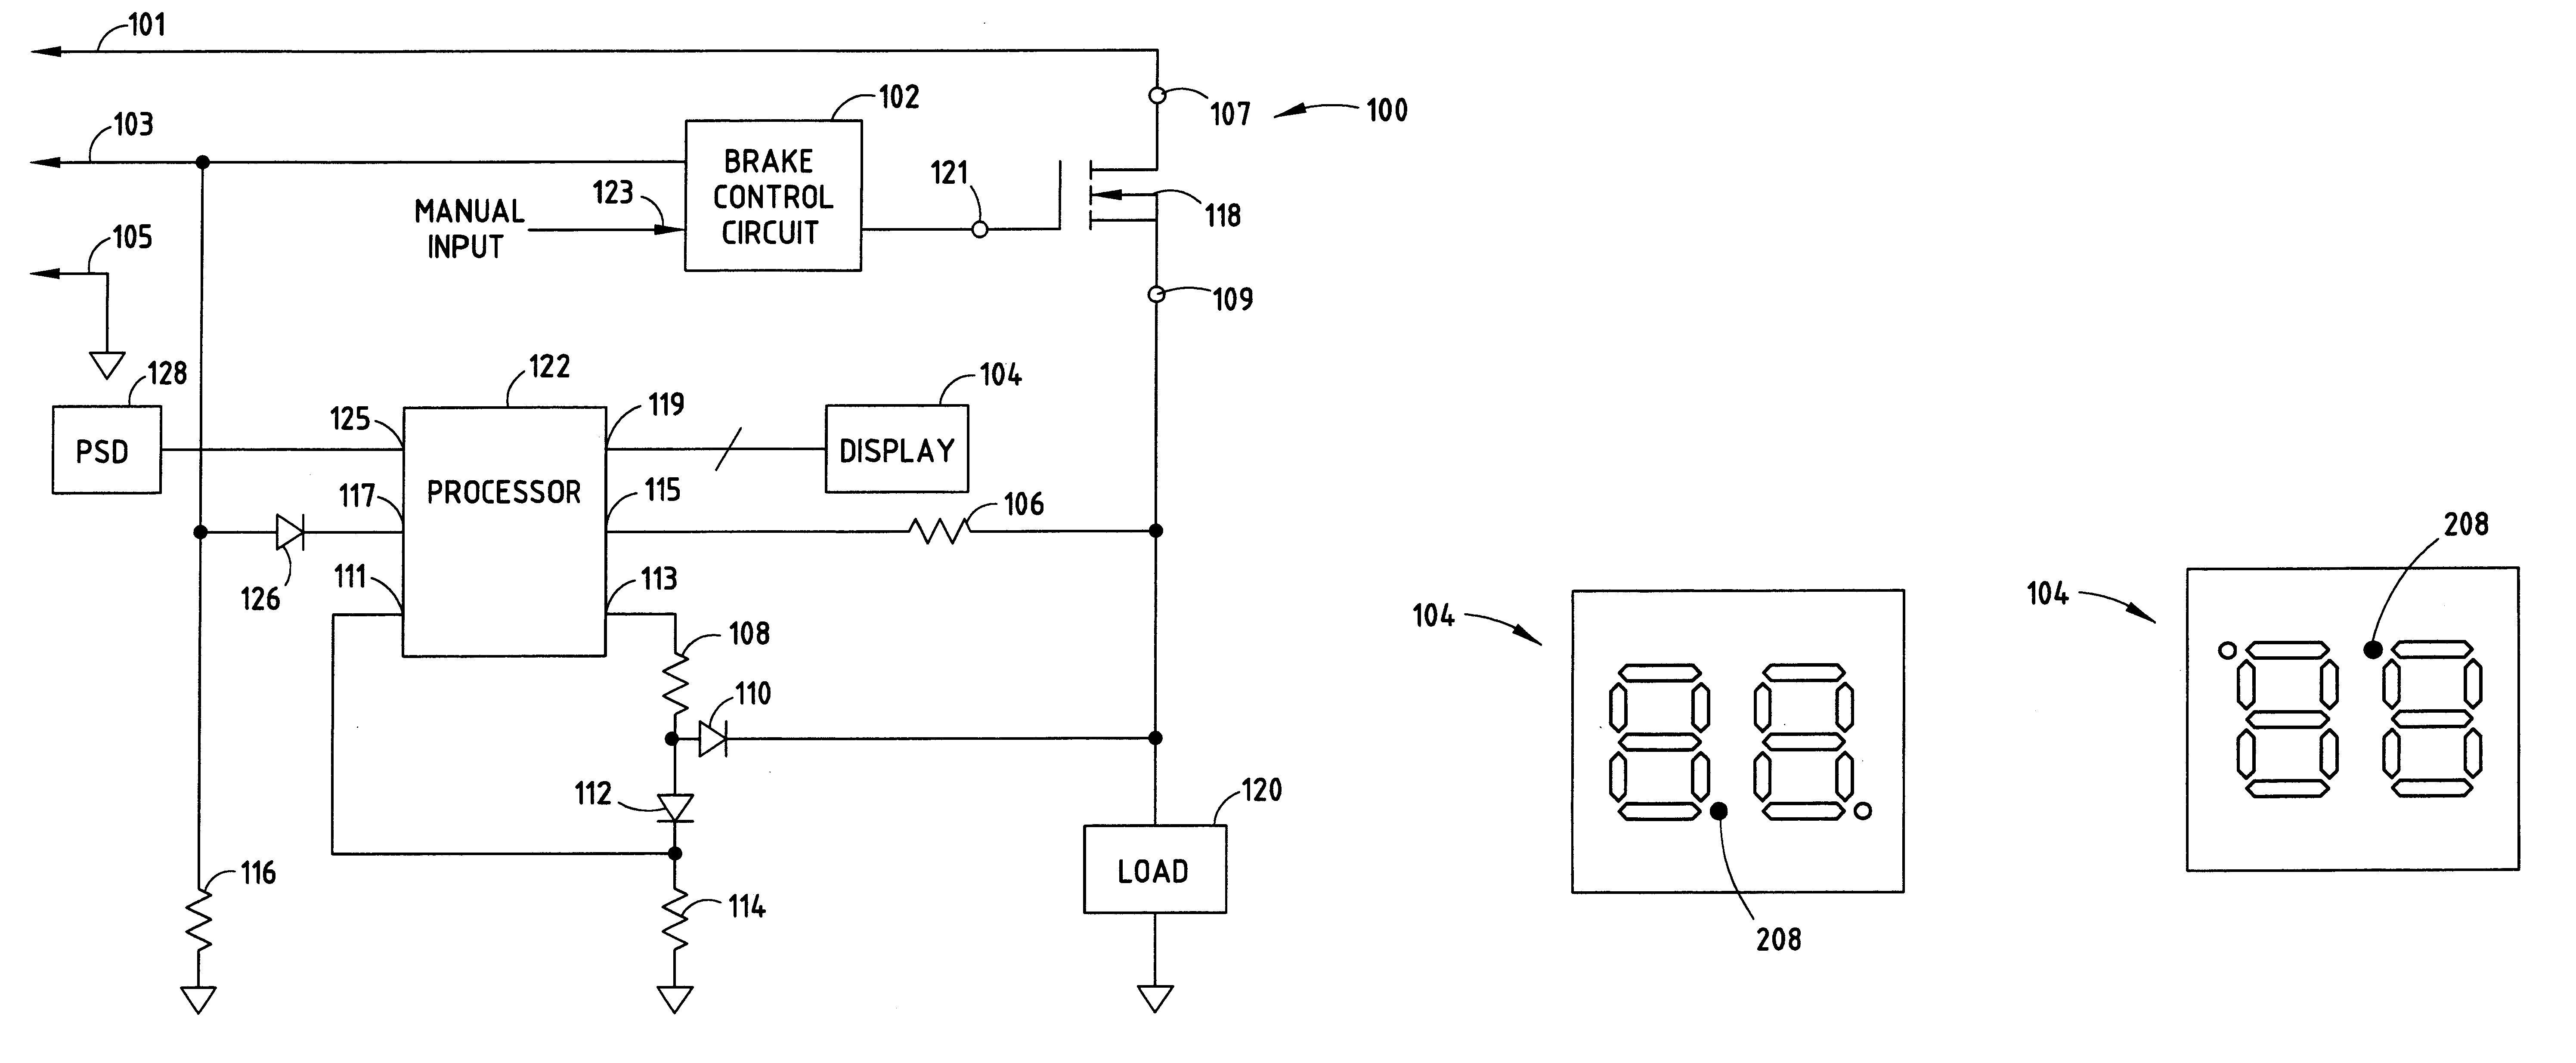 Tekonsha Voyager Brake Controller Wiring Diagram In 2020 Diagram Trailer Wiring Diagram Electrical Diagram